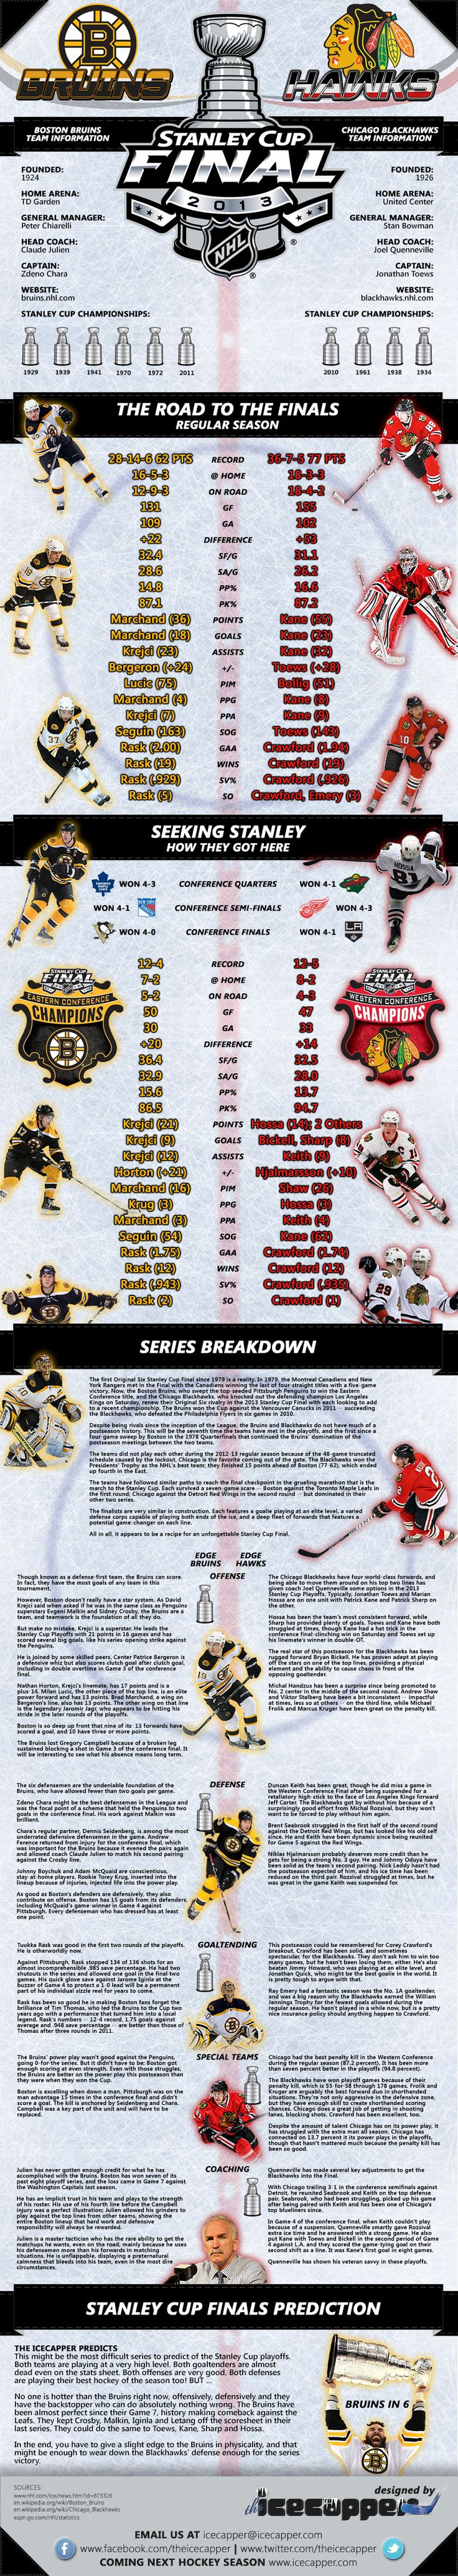 2013 Stanley Cup Finals